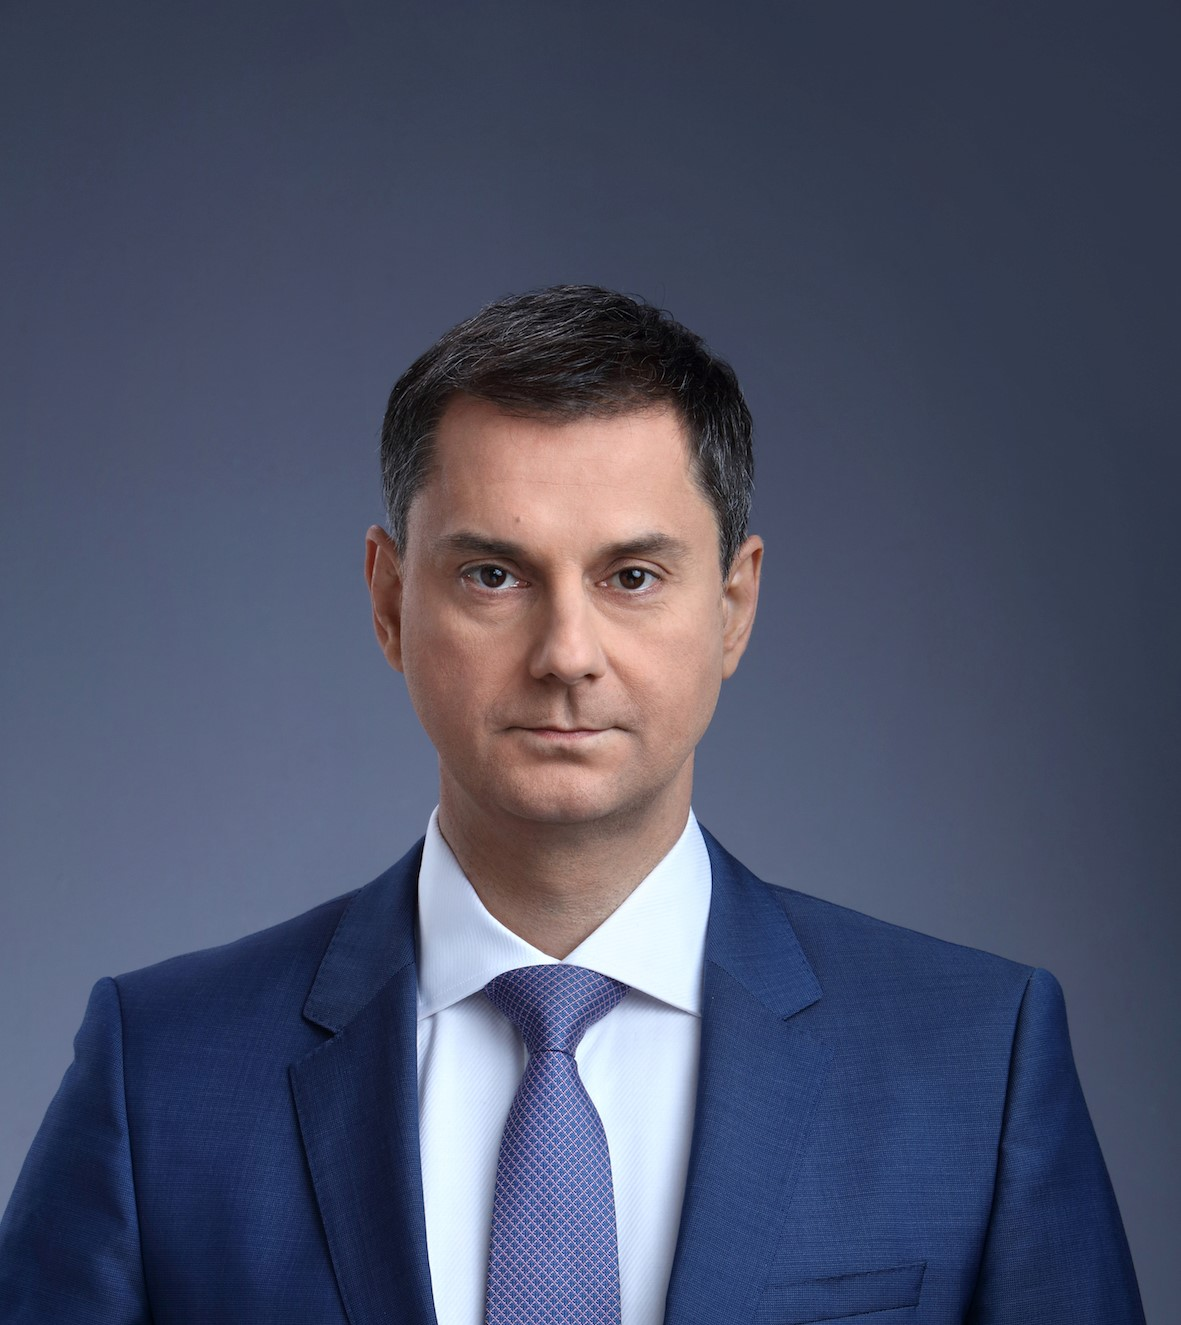 Στην Πολωνία ο Υπουργός Τουρισμού κ. Χάρης Θεοχάρης